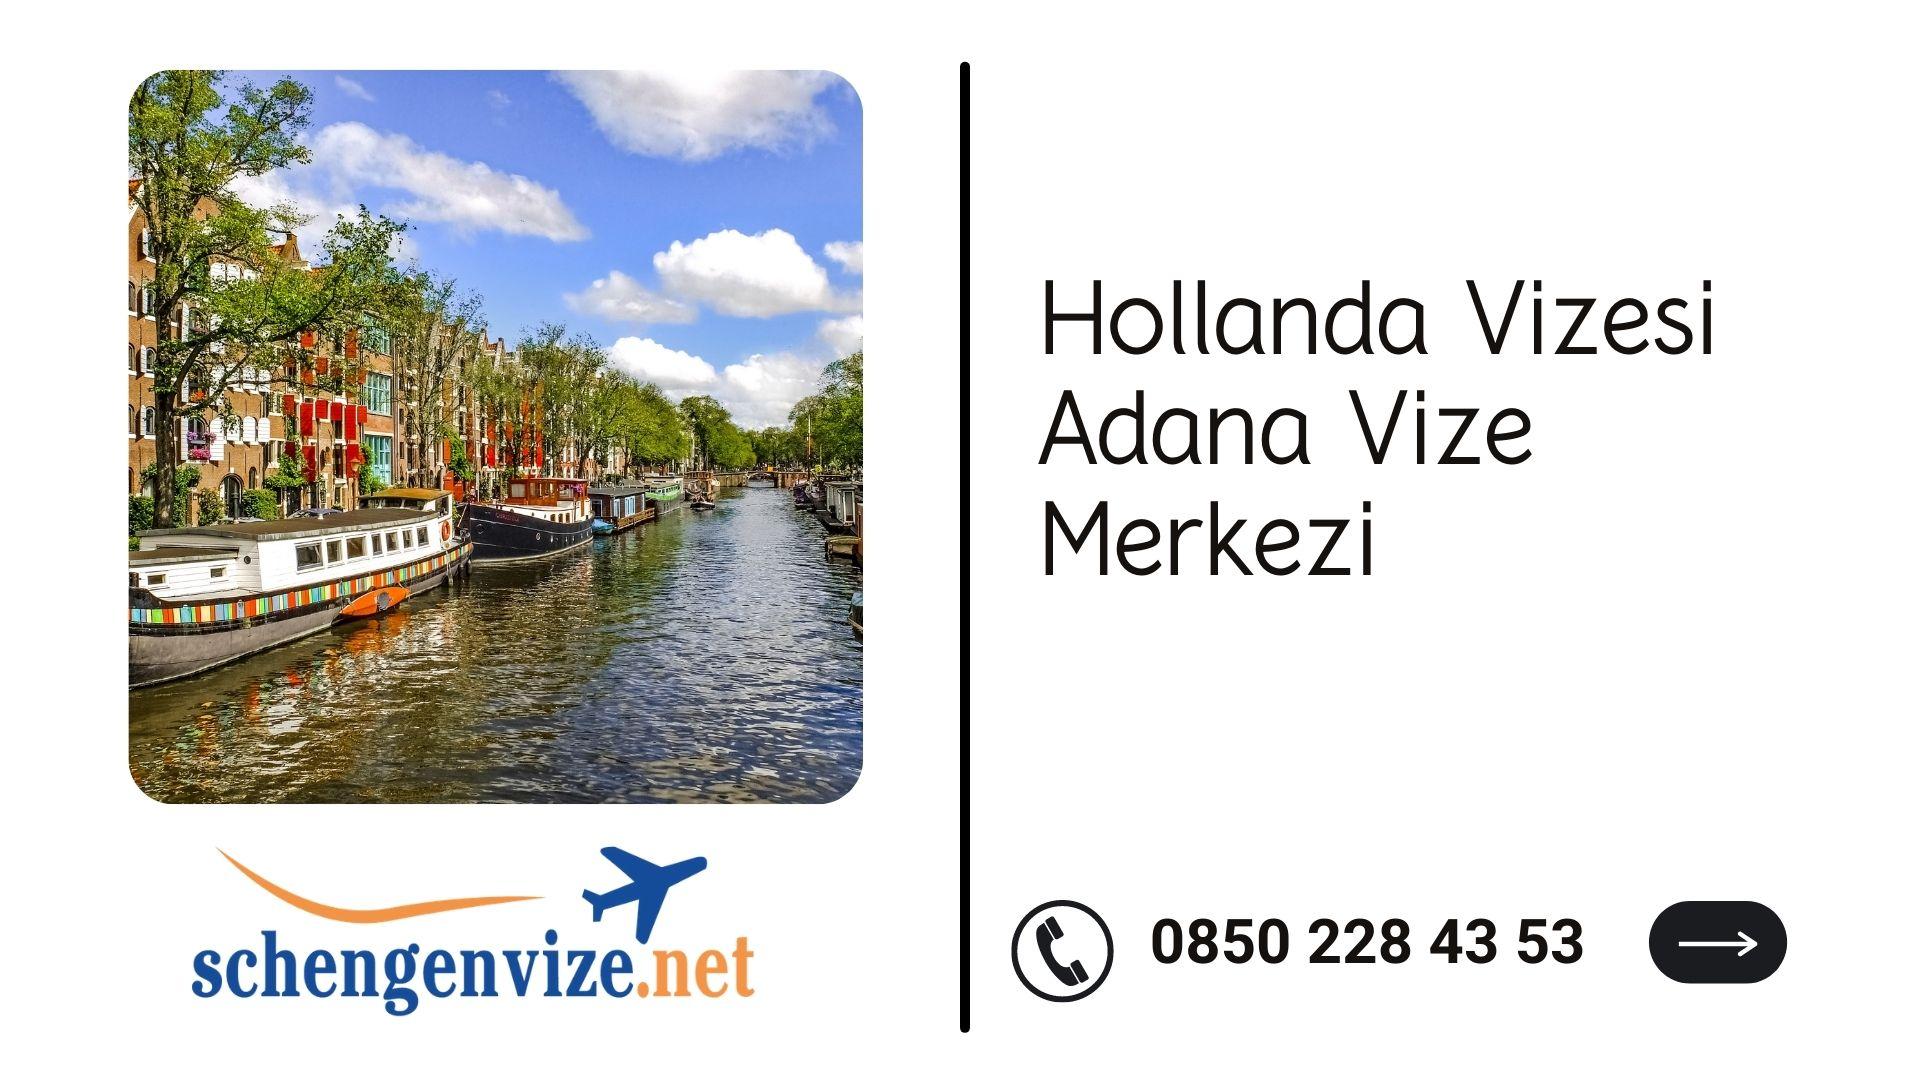 Hollanda Vizesi Adana Vize Merkezi